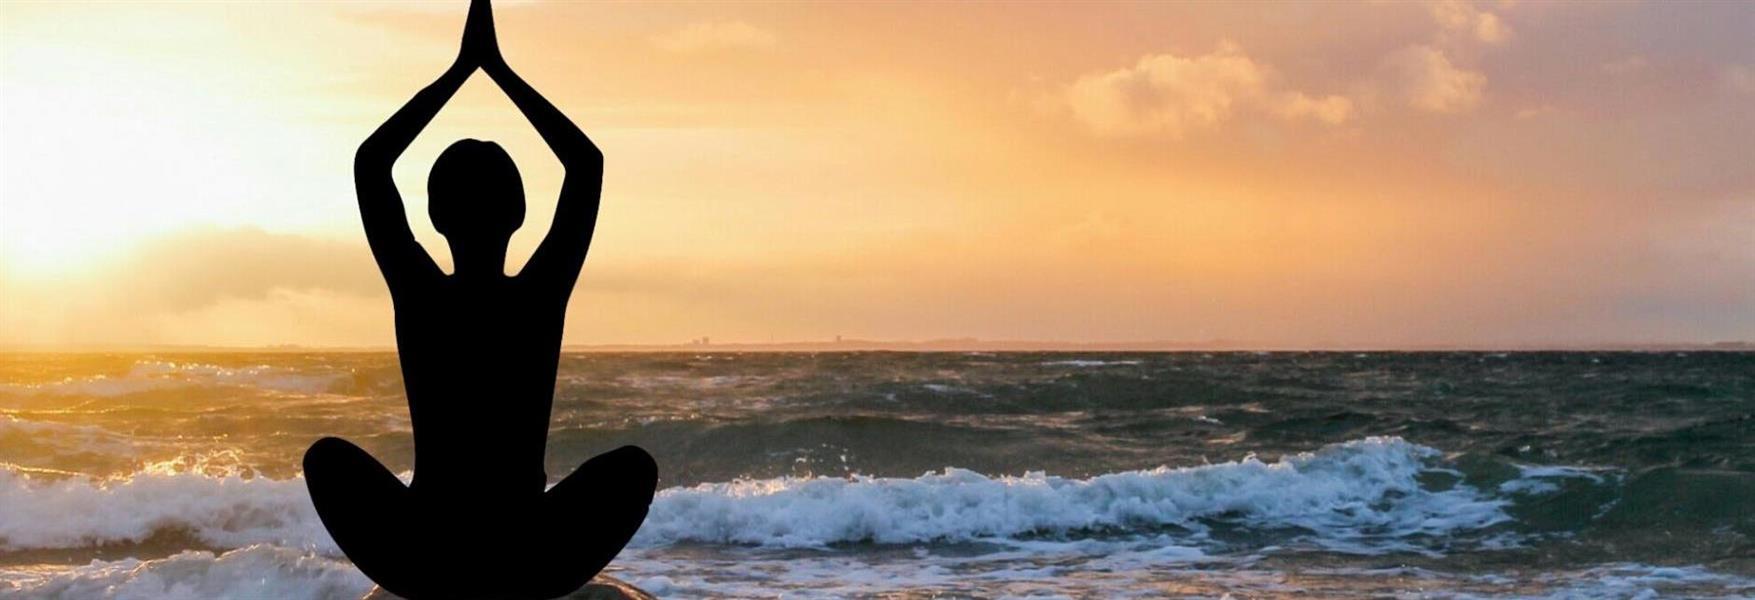 a9f2f10e-ea9e-497c-b10f-684cd32a4453_Kula Heart Sunday Meditations.jpg